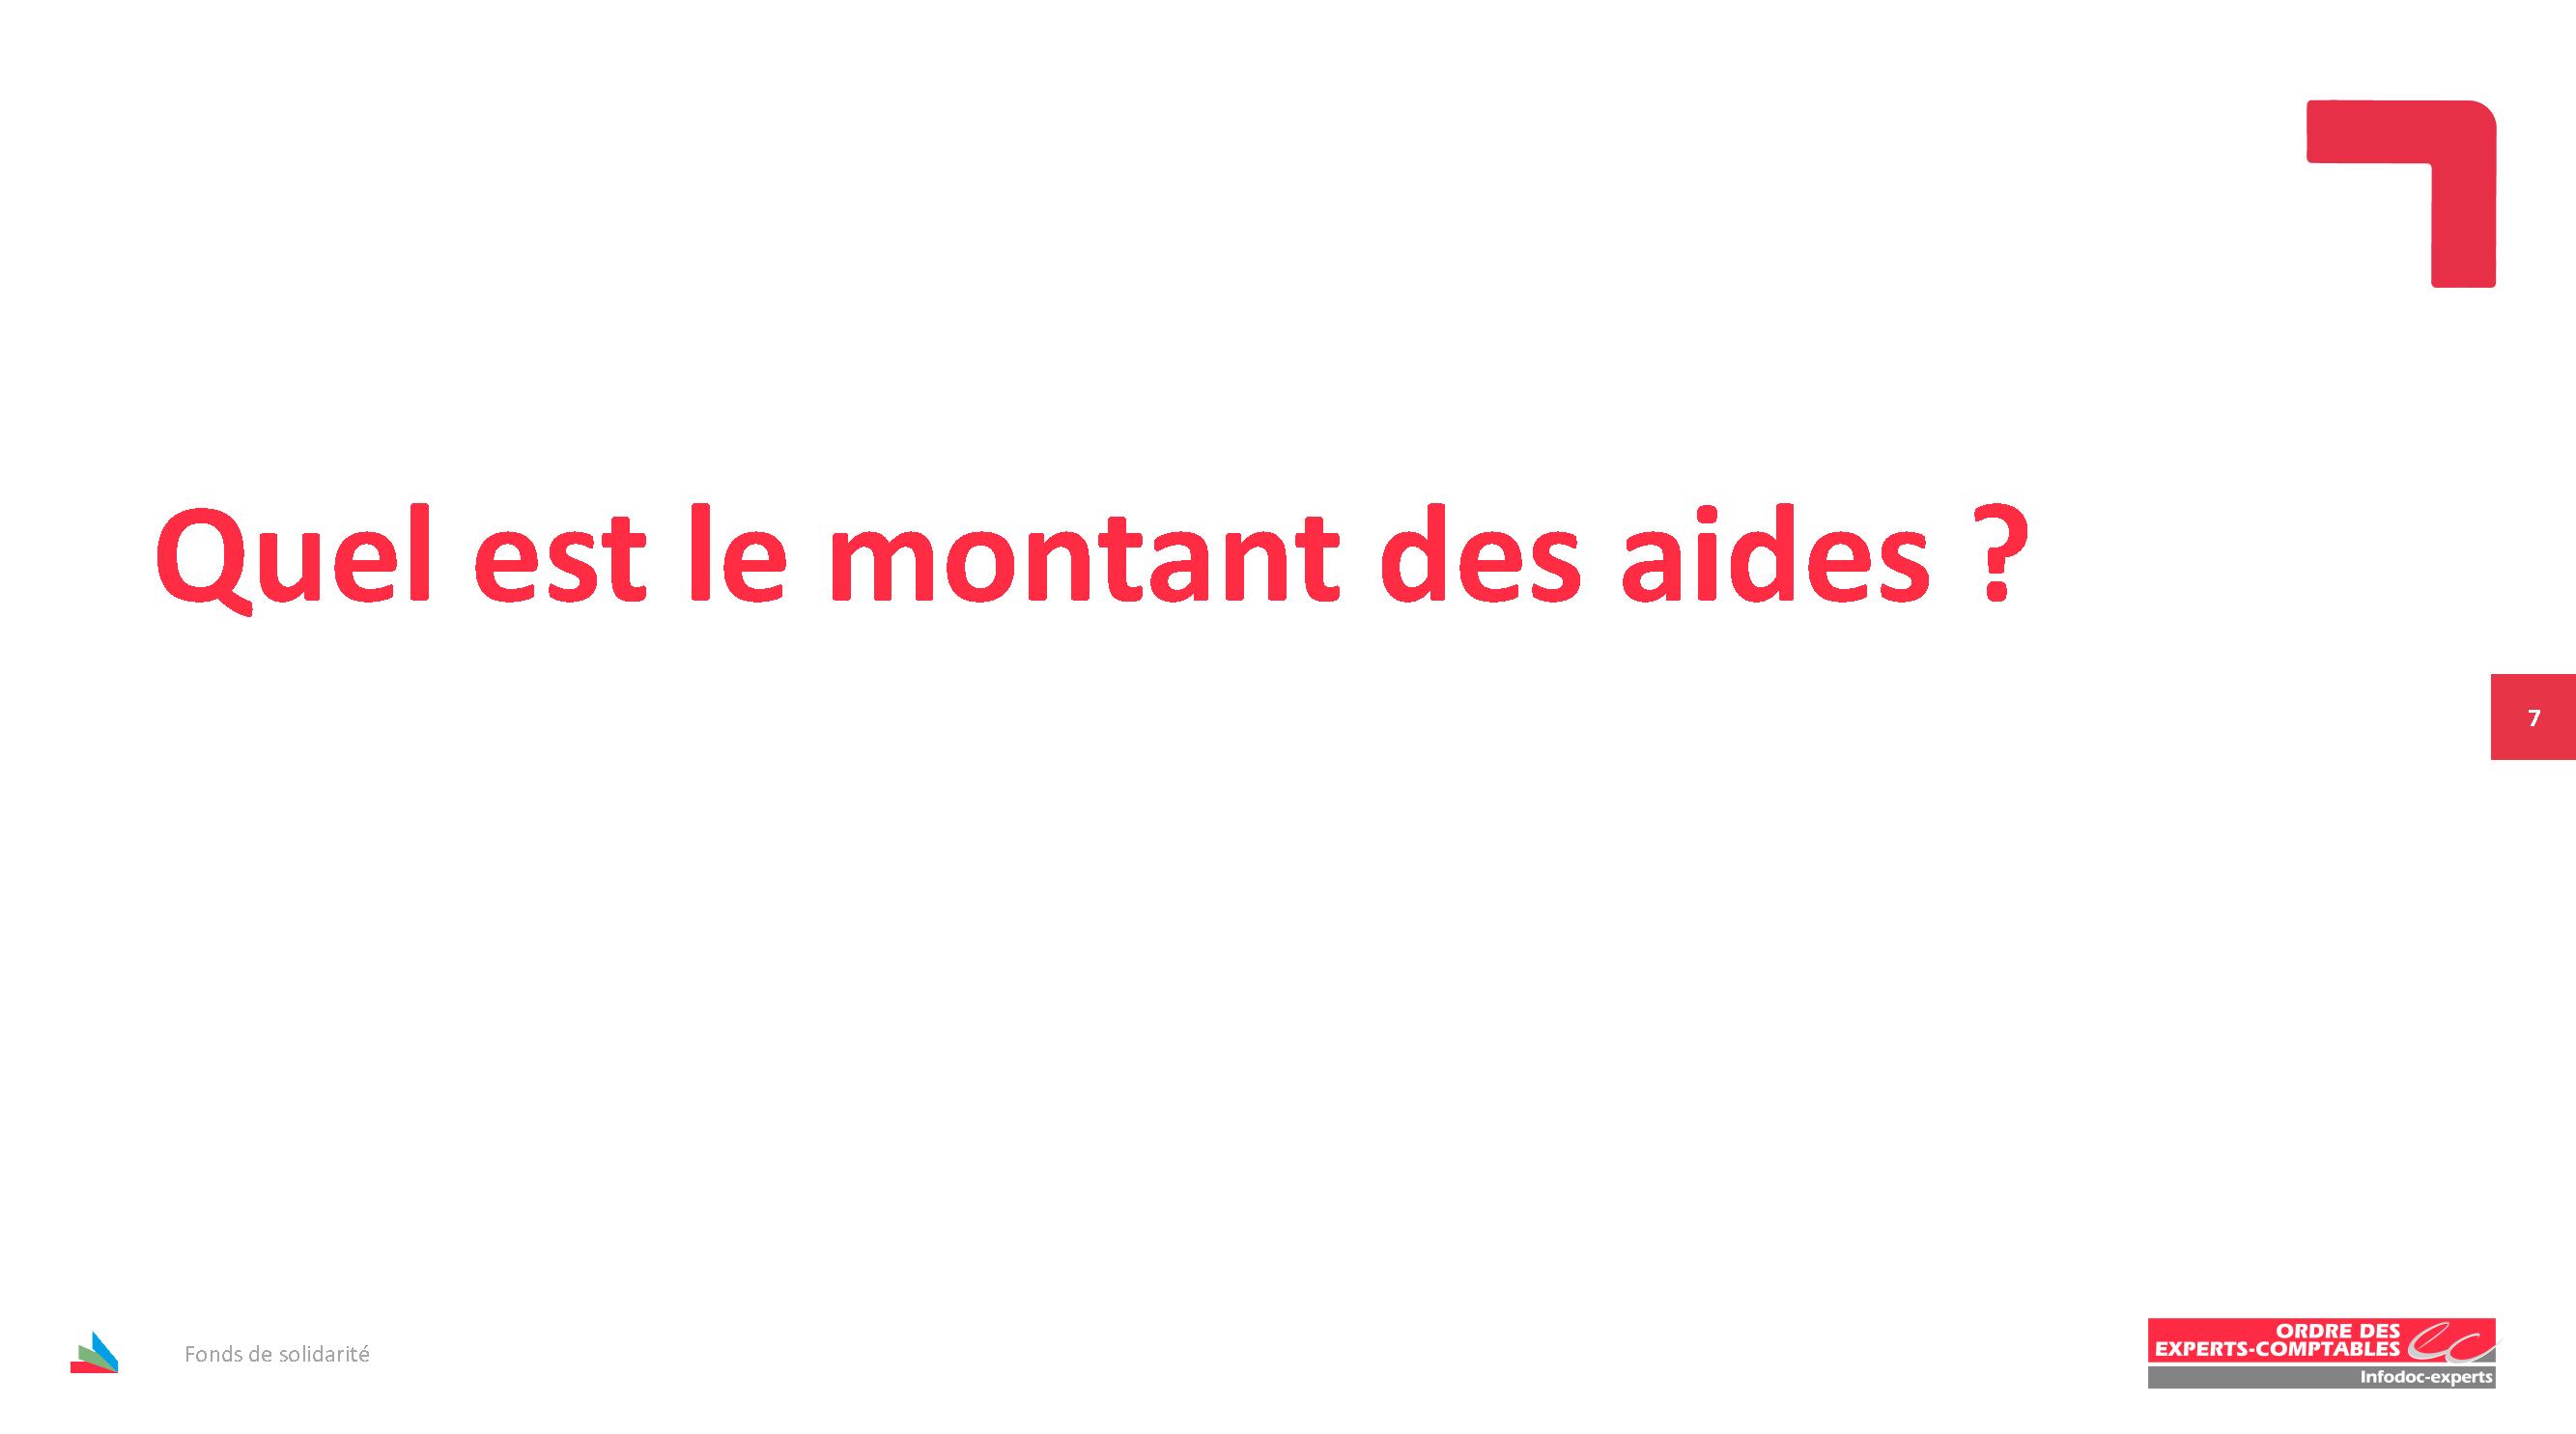 Fonds solidarité_diapo seul_31032020_Page_07